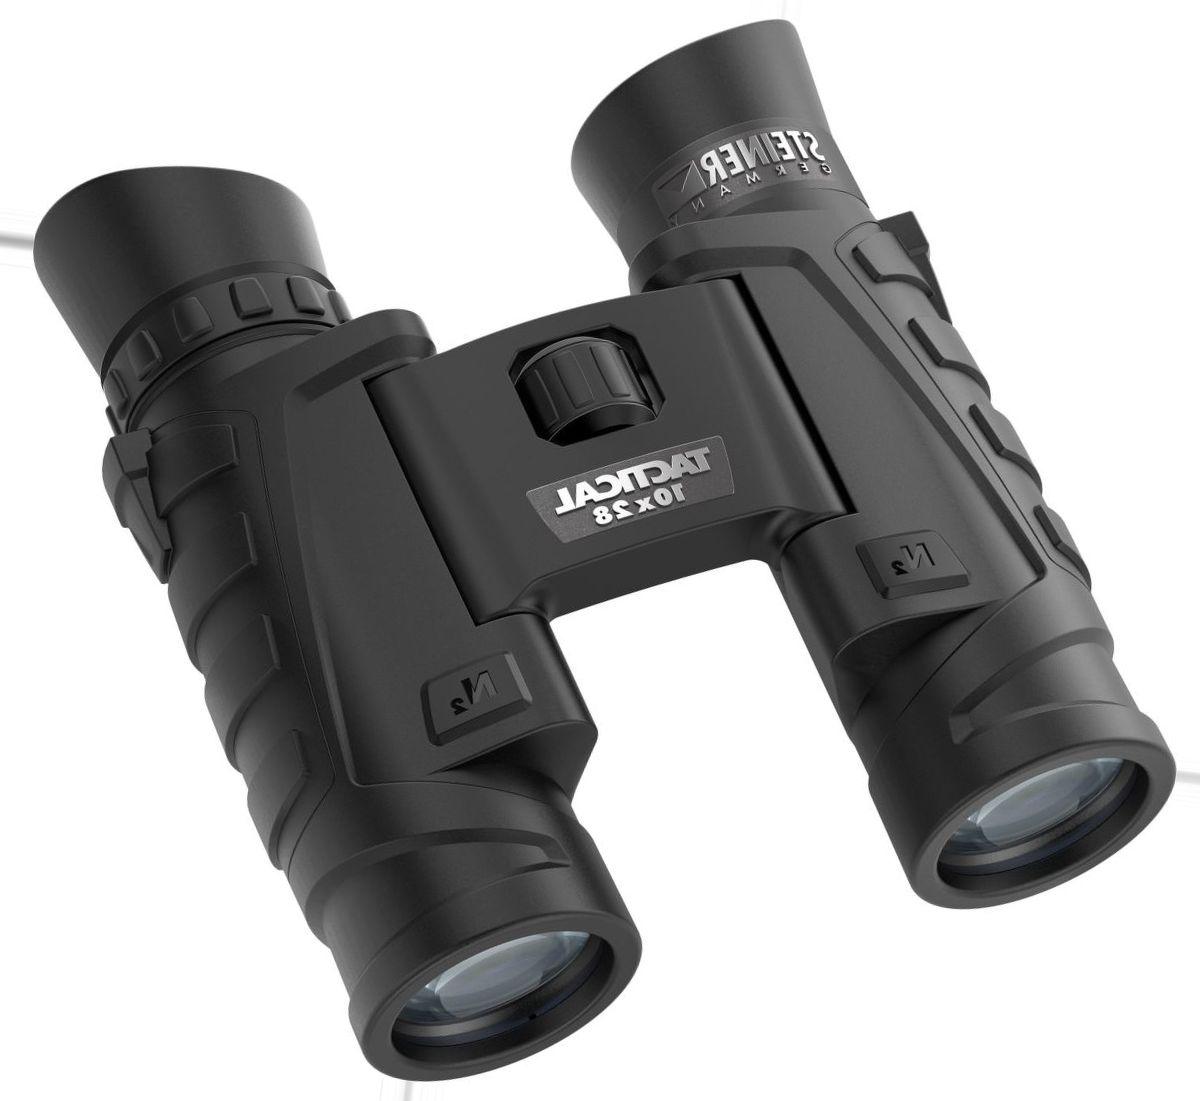 Steiner Tactical 10x28 Compact Binoculars